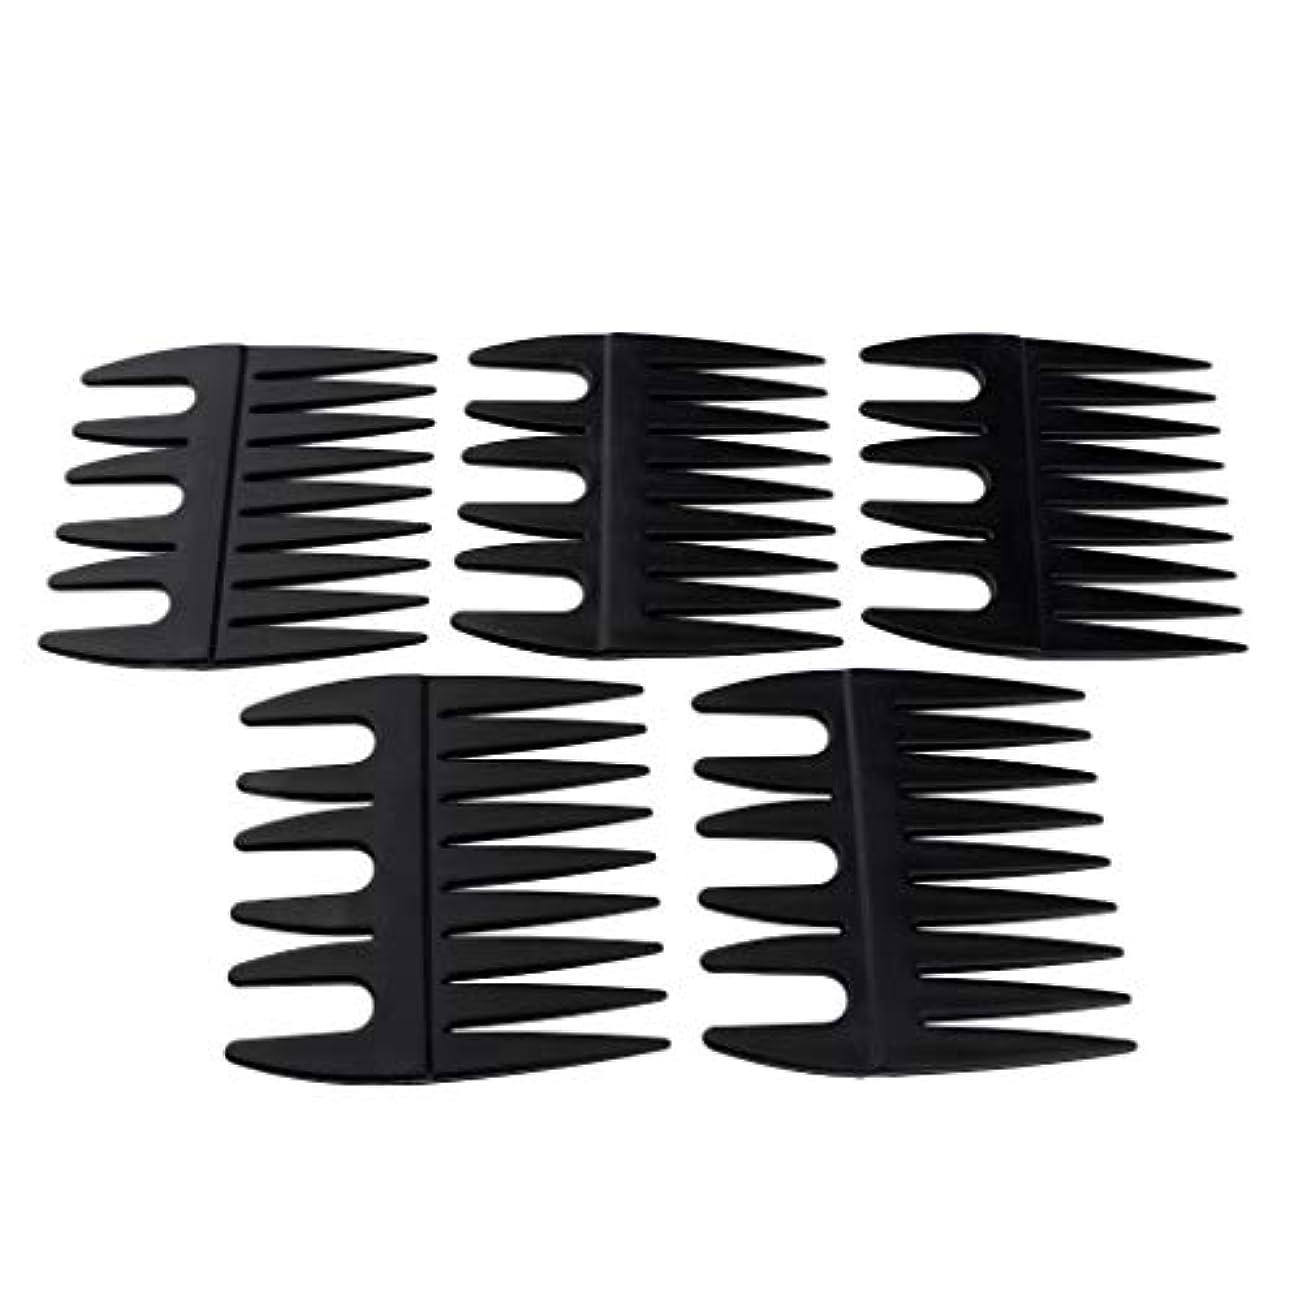 オーク調停するボランティア5個 ヘアコーム サロン ヘアピックコーム 染料 理髪 スタイリングブラシ 2-in-1